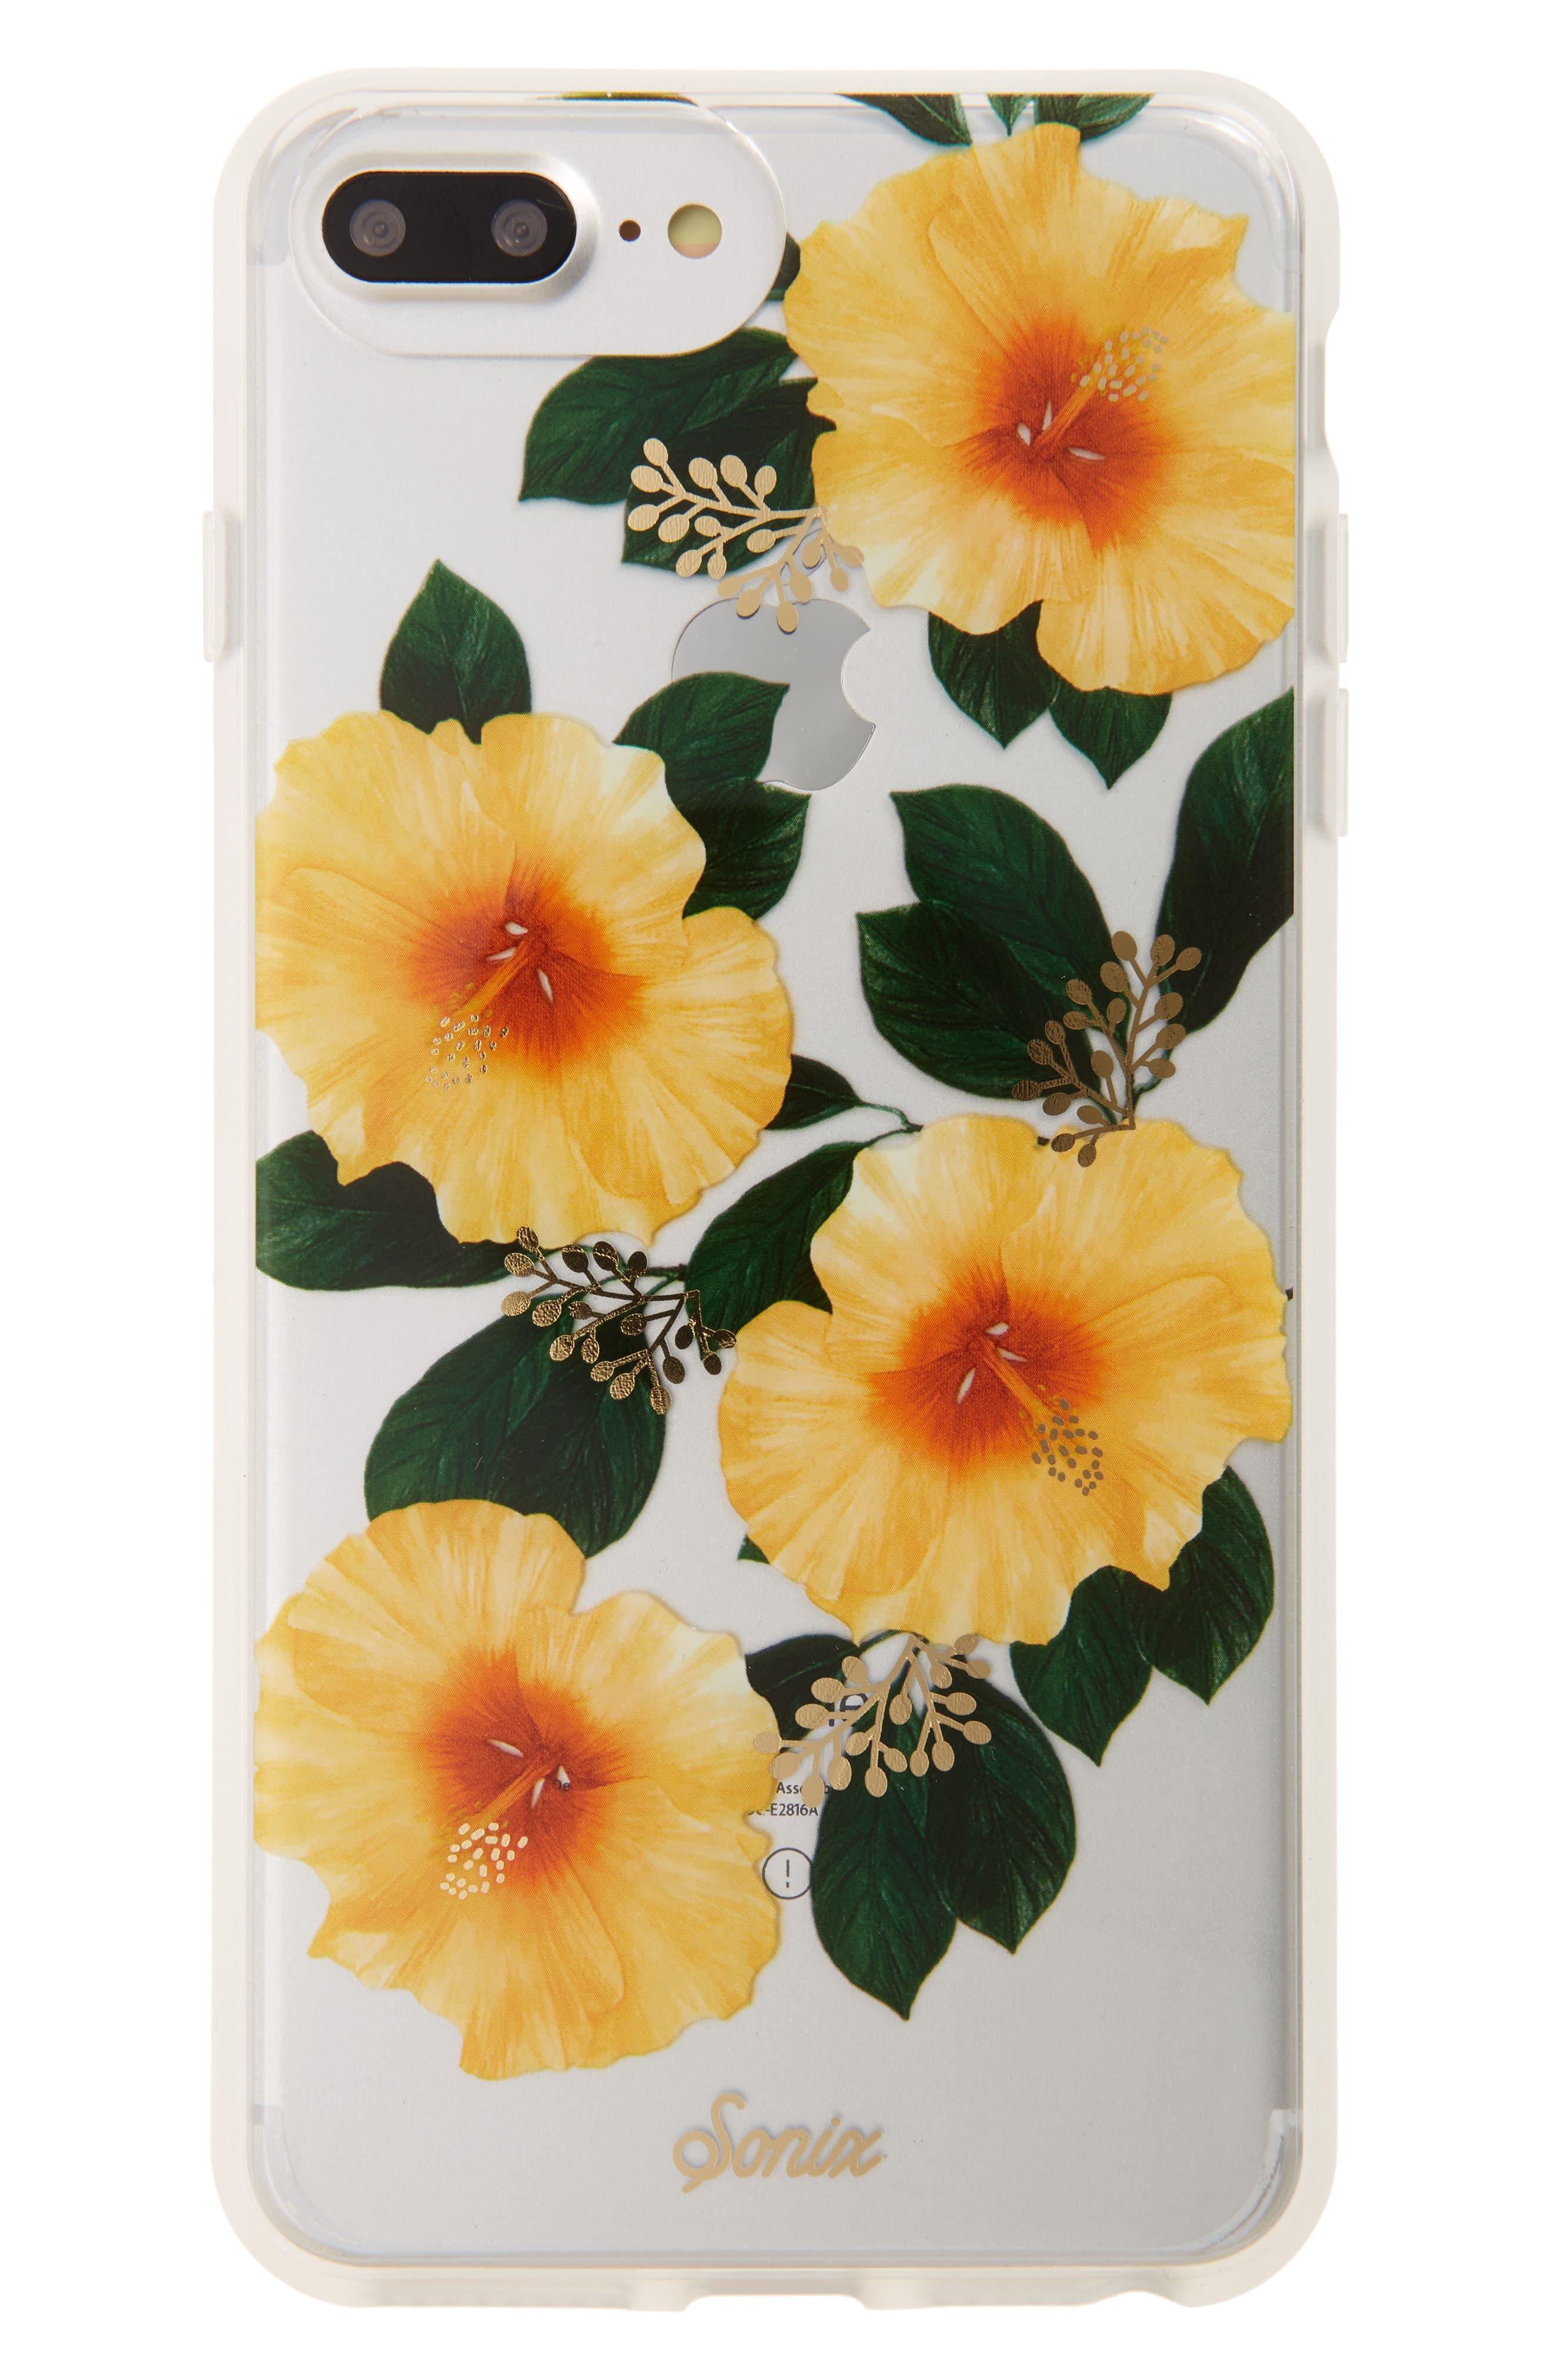 Main Image - Sonix Hibiscus iPhone 6/6s/7/8 & 6/6s/7/8 Plus Case